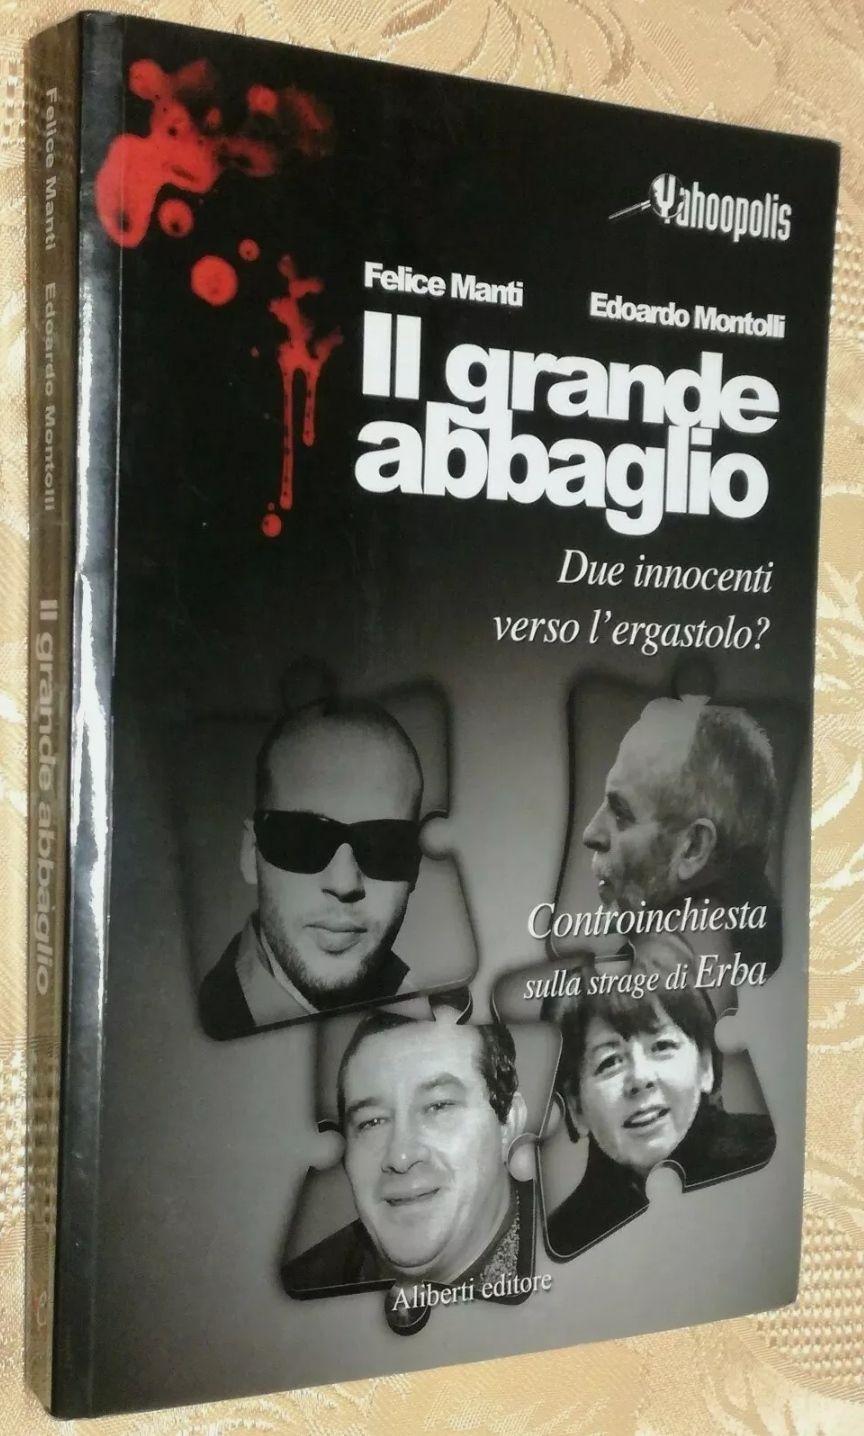 Il Grande Abbaglio Libro Strage Erba Omicidio Killer Olindo Romano Rosa Bazzi, Raro, 20€